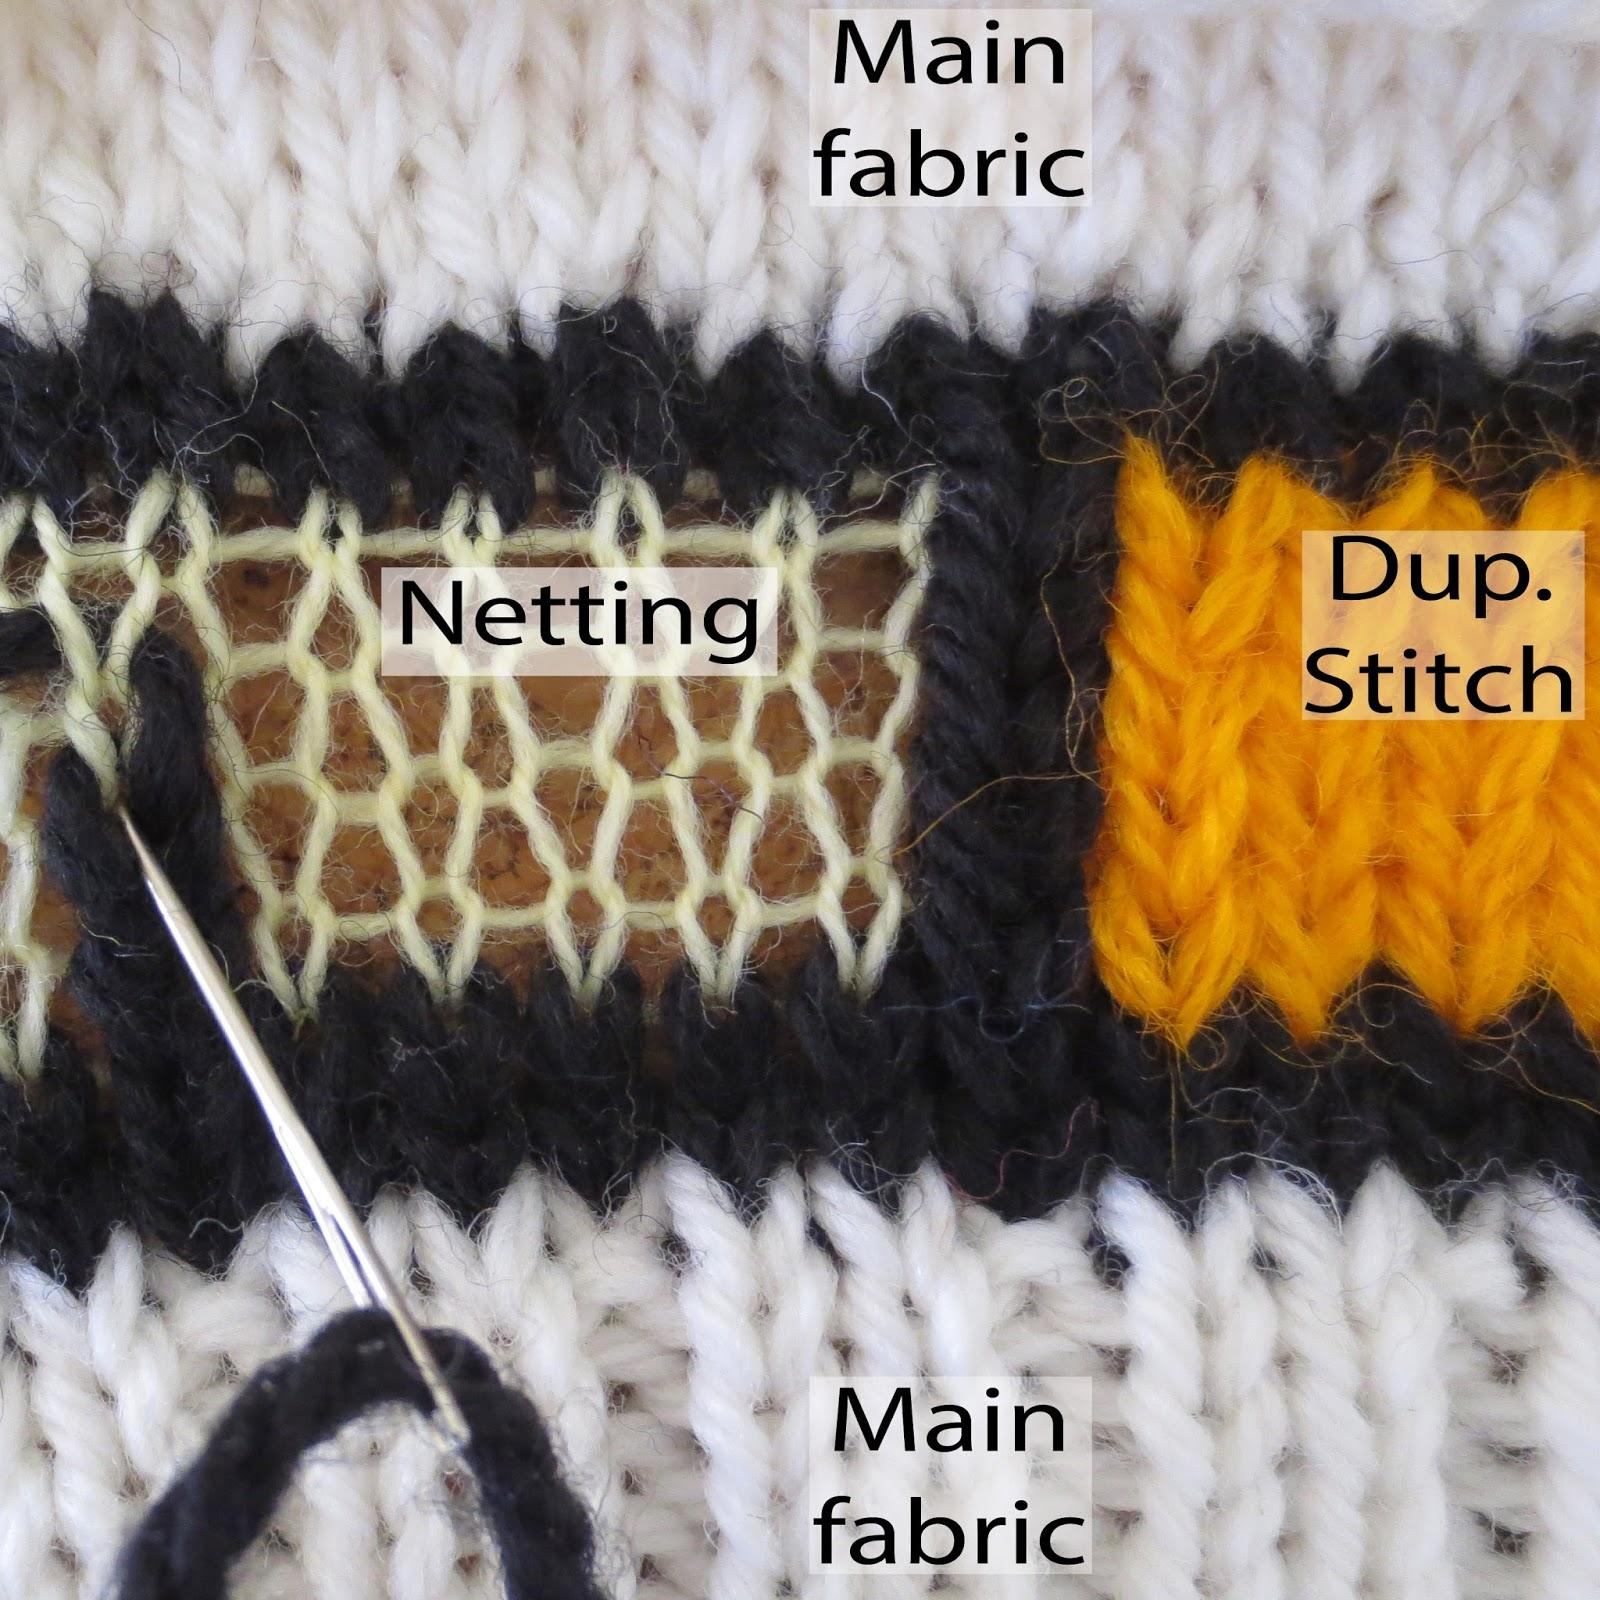 Techknitting Duplicate Stitching Via Netting Part 2 Of A Series